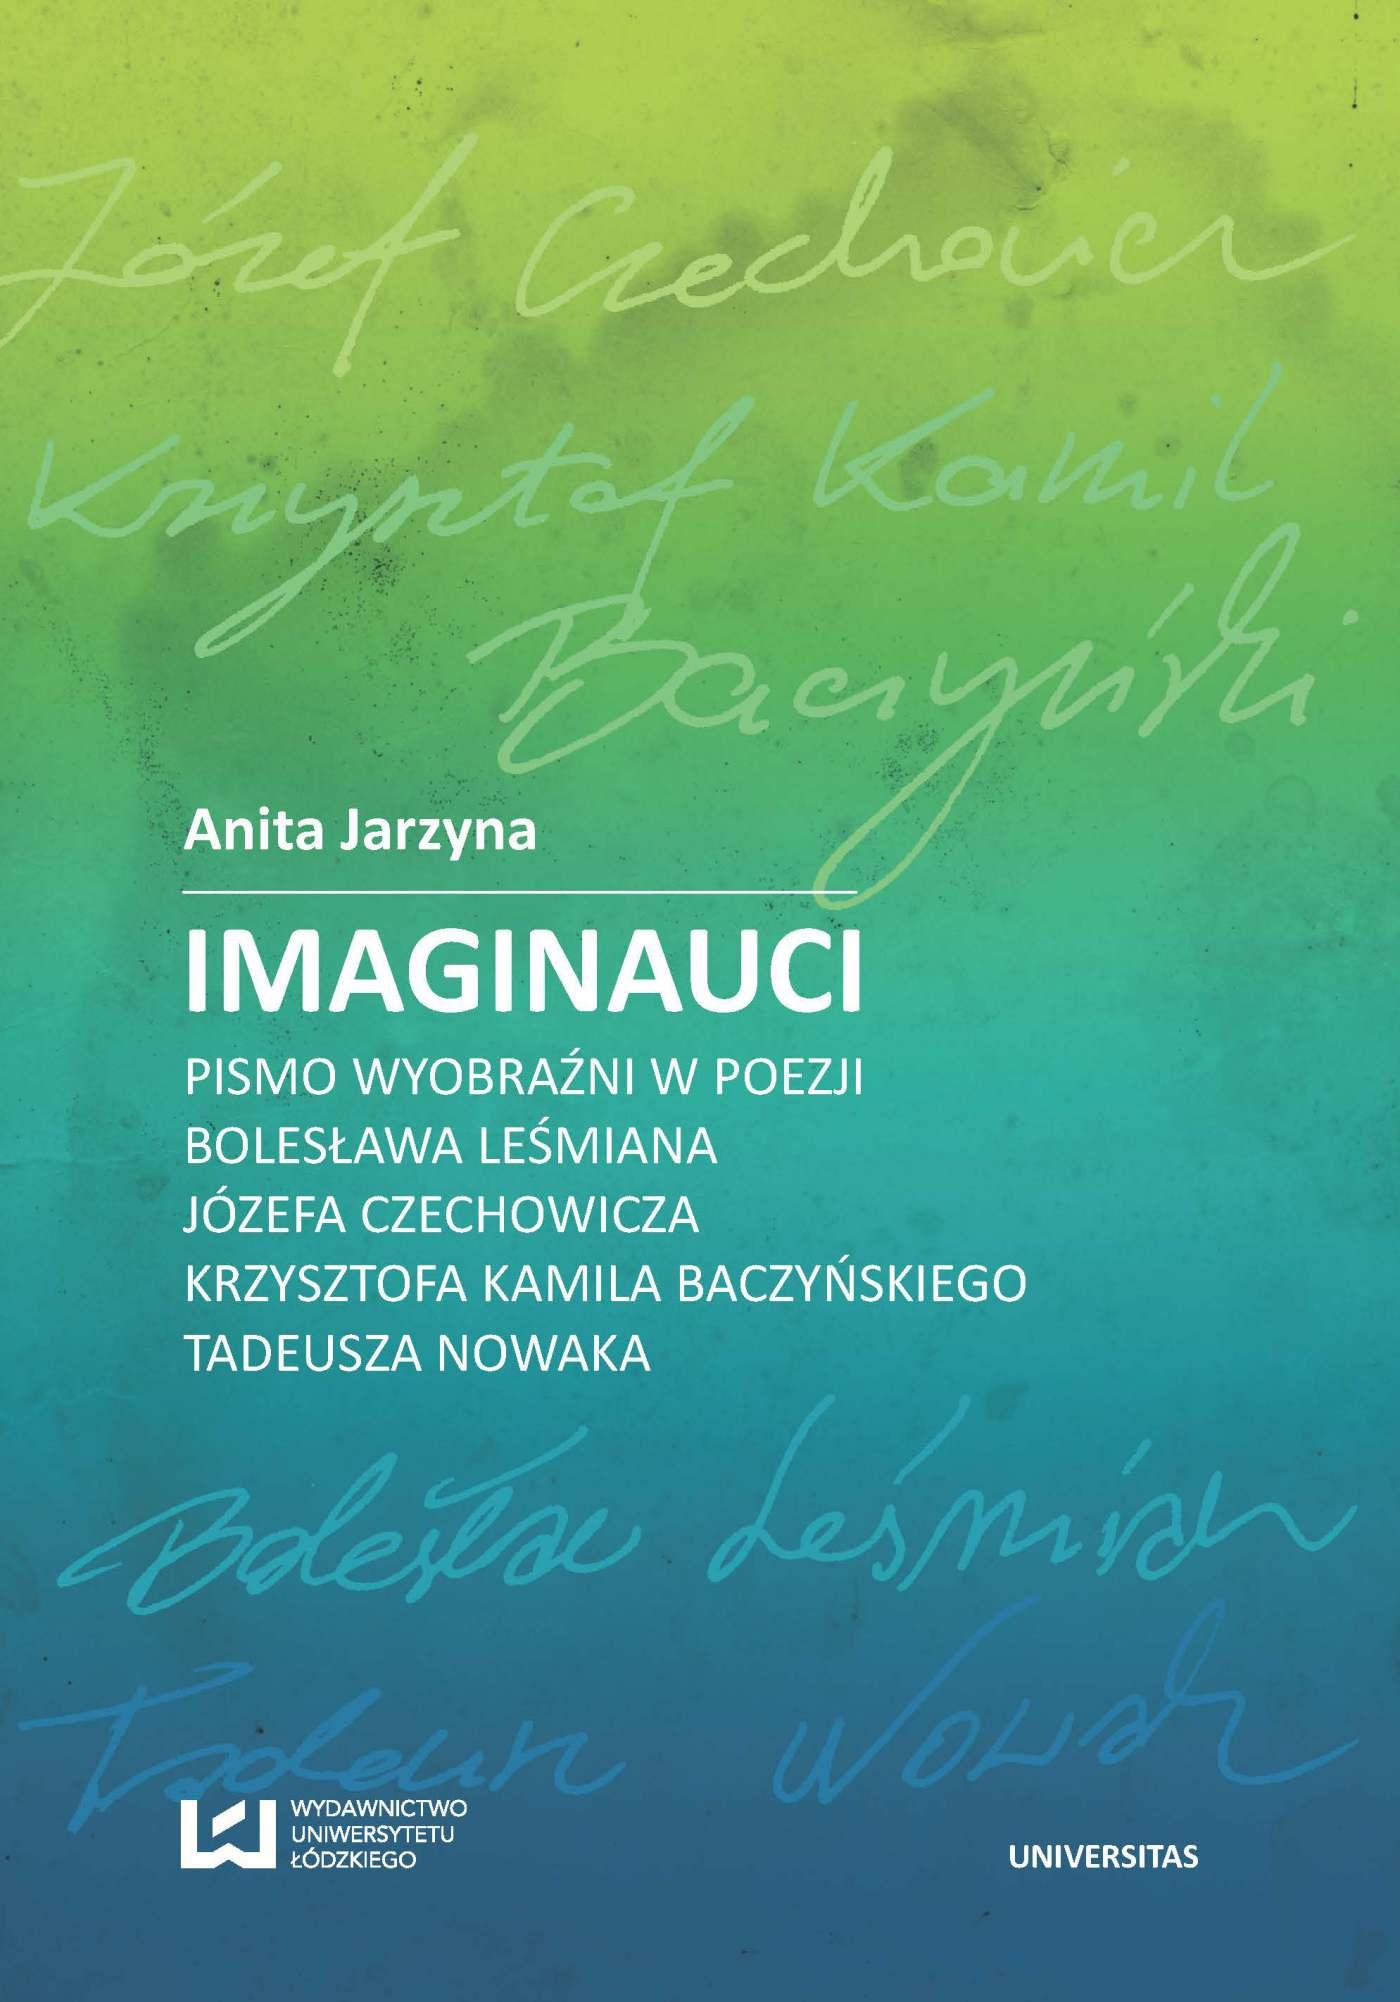 Imaginauci. Pismo wyobraźni w poezji Bolesława Leśmiana, Józefa Czechowicza, Krzysztofa Kamila Baczyńskiego, Tadeusza Nowaka - Ebook (Książka PDF) do pobrania w formacie PDF